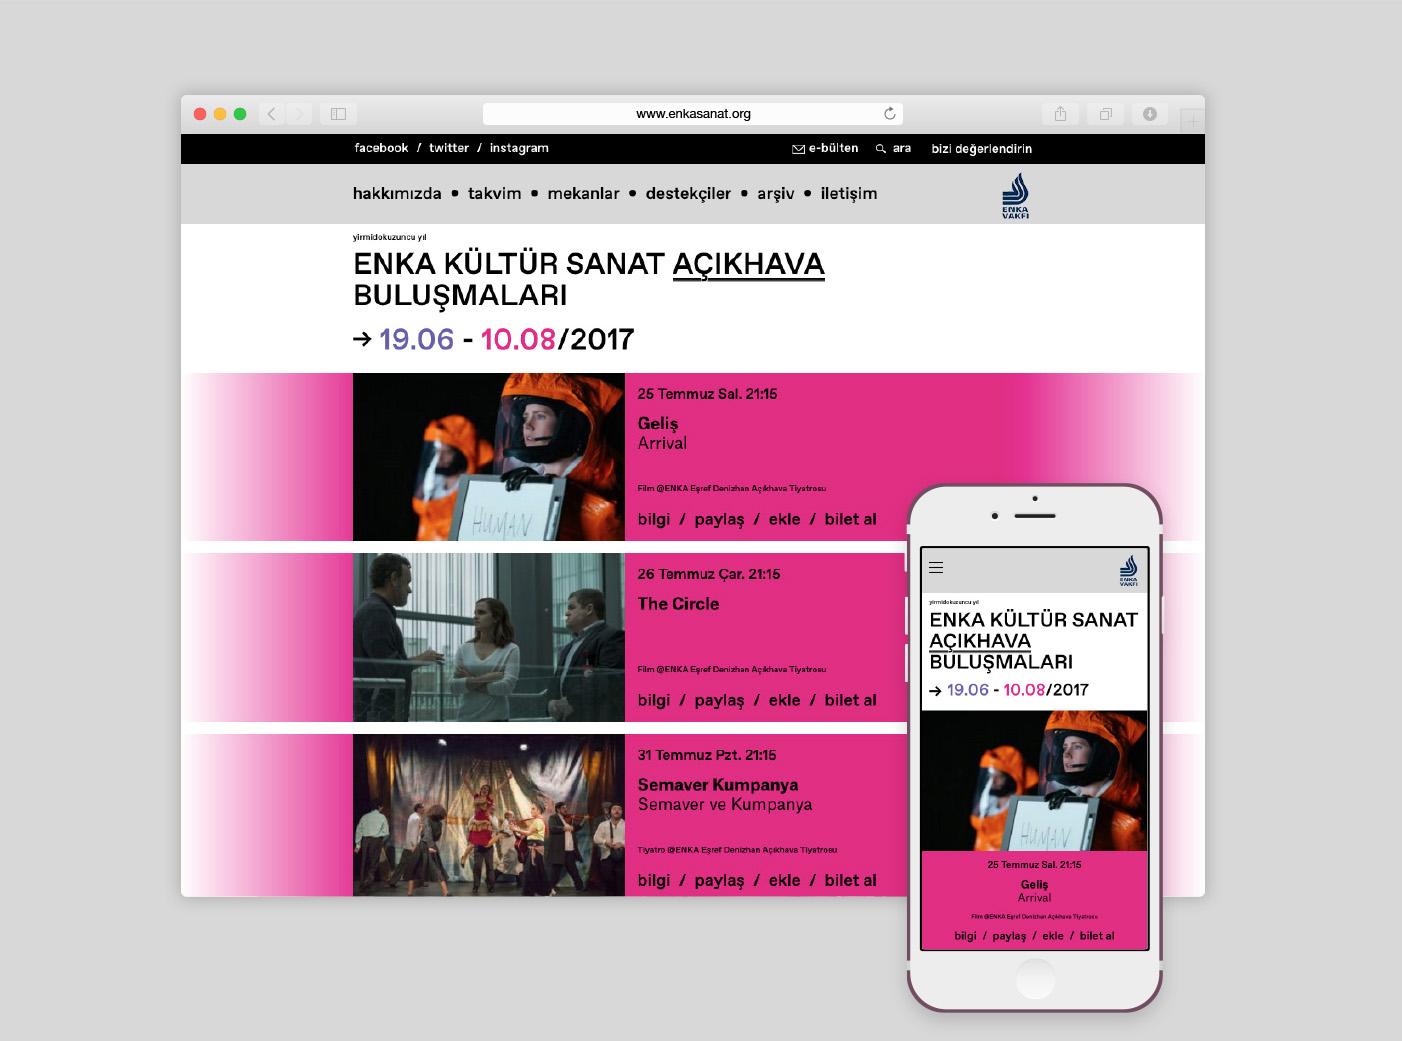 Enka Kultur Sanat Anasayfa